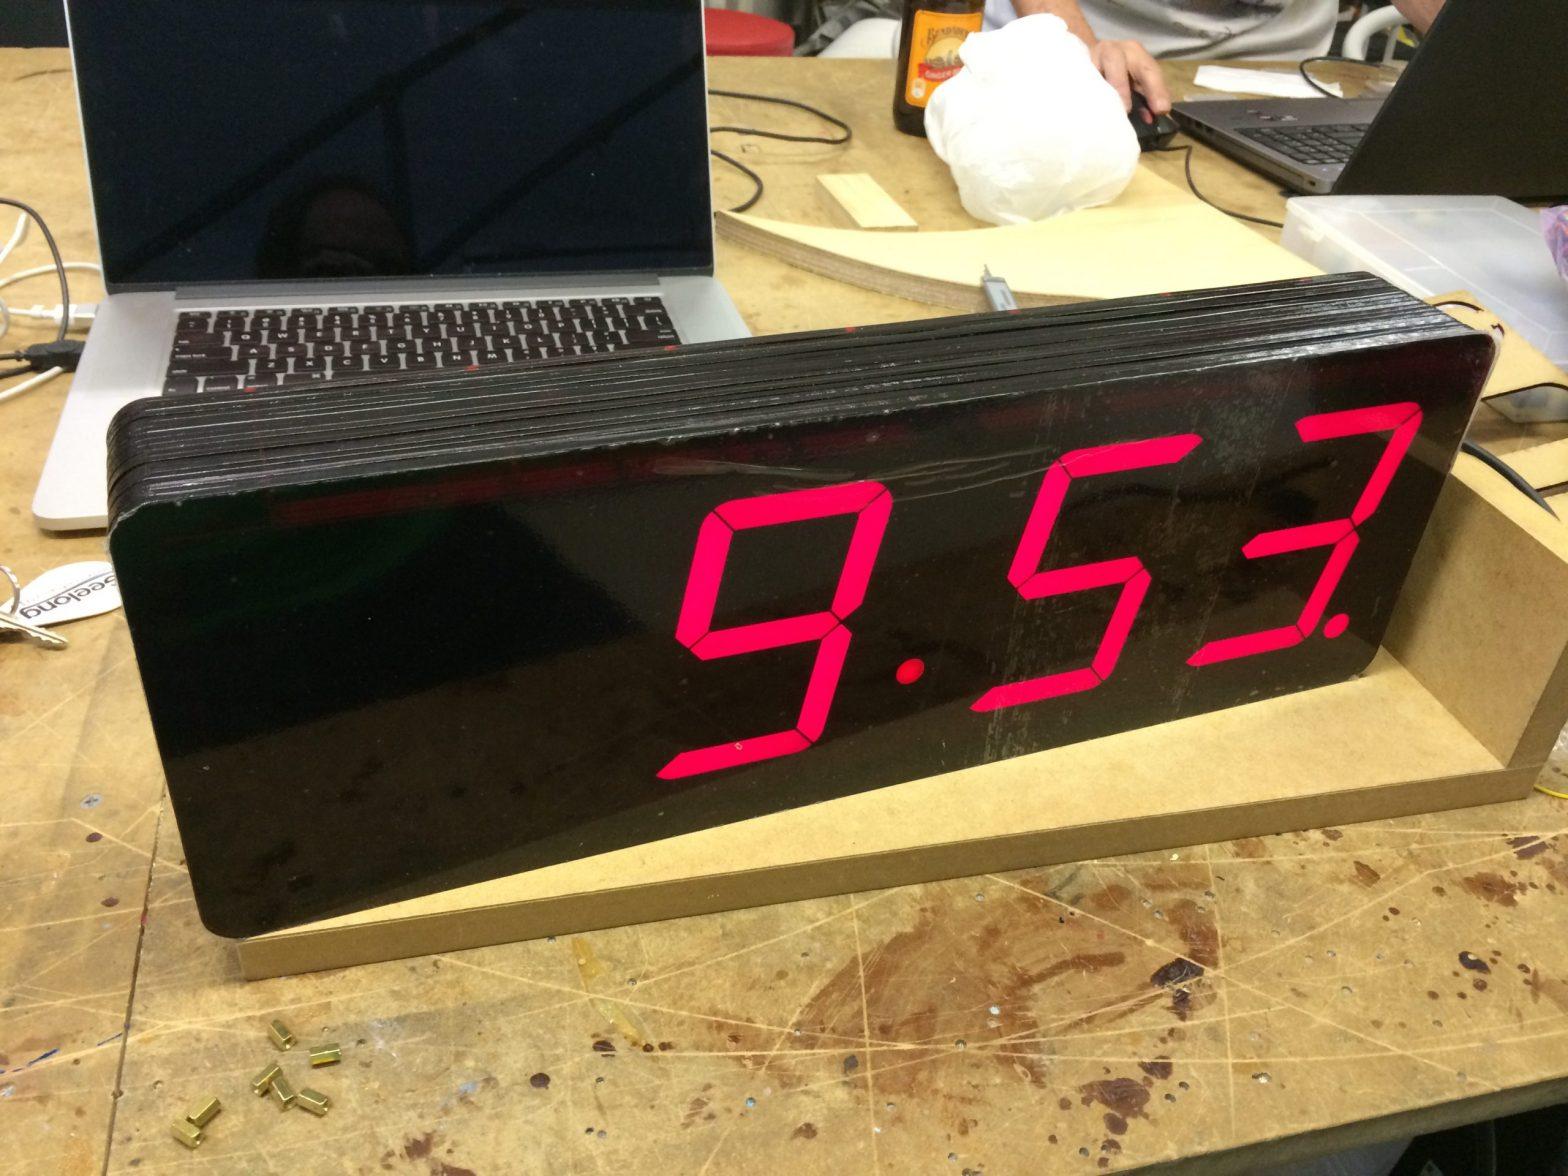 large 7 segment display clock showing 9:53 time